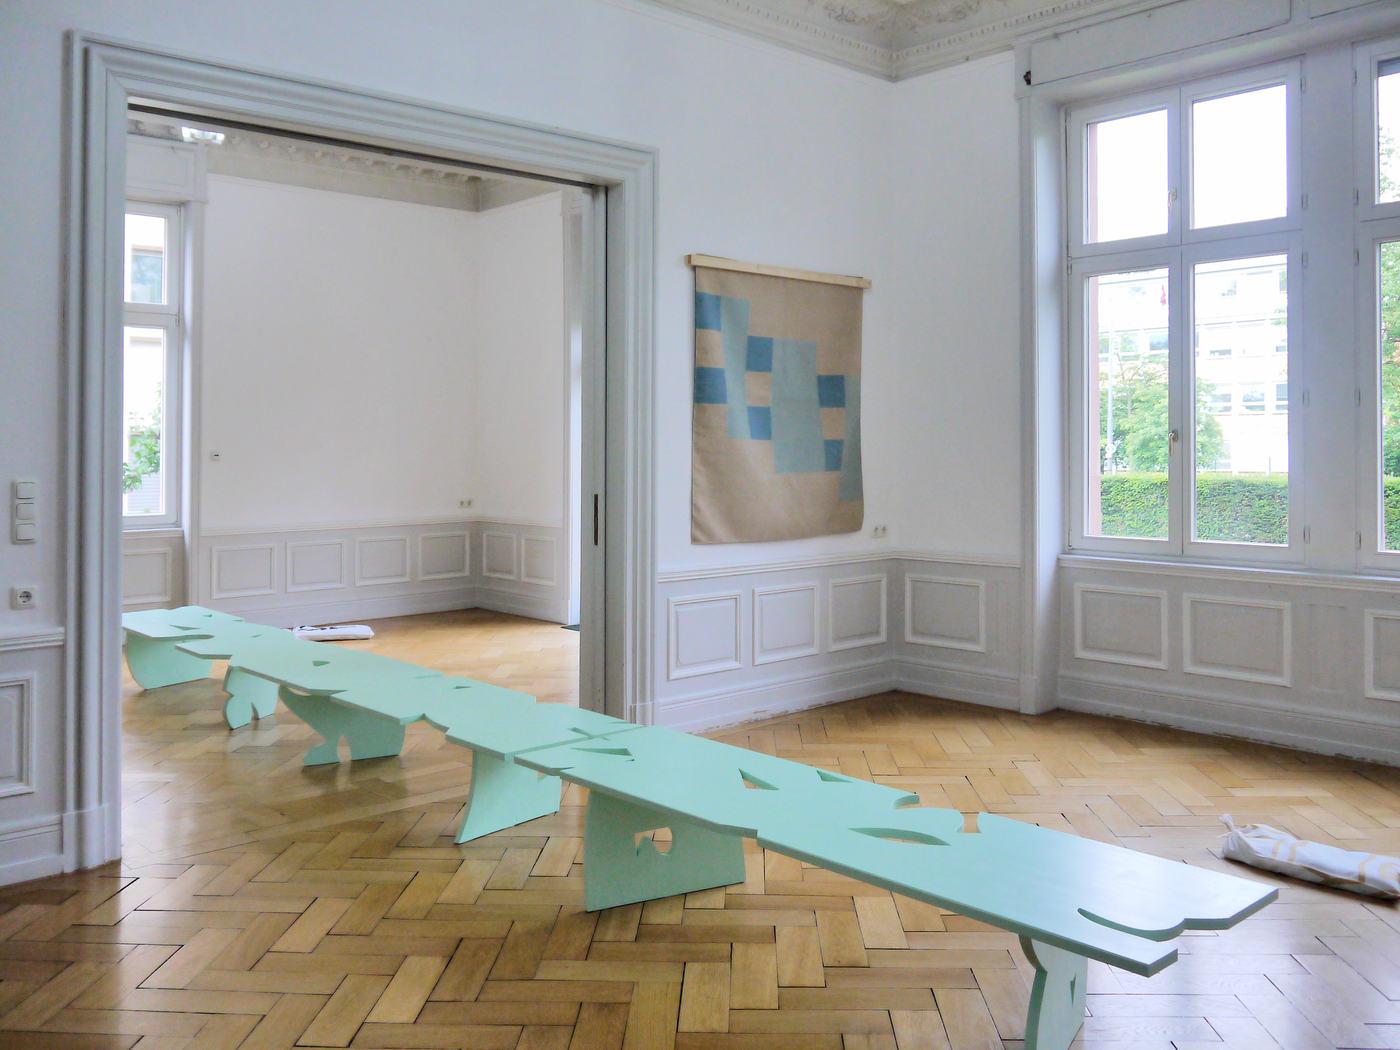 Salon Kennedy_Andy Boot_exhibition e4 e5_Frankfurt_Contemporary Art_Cultural Avenue4